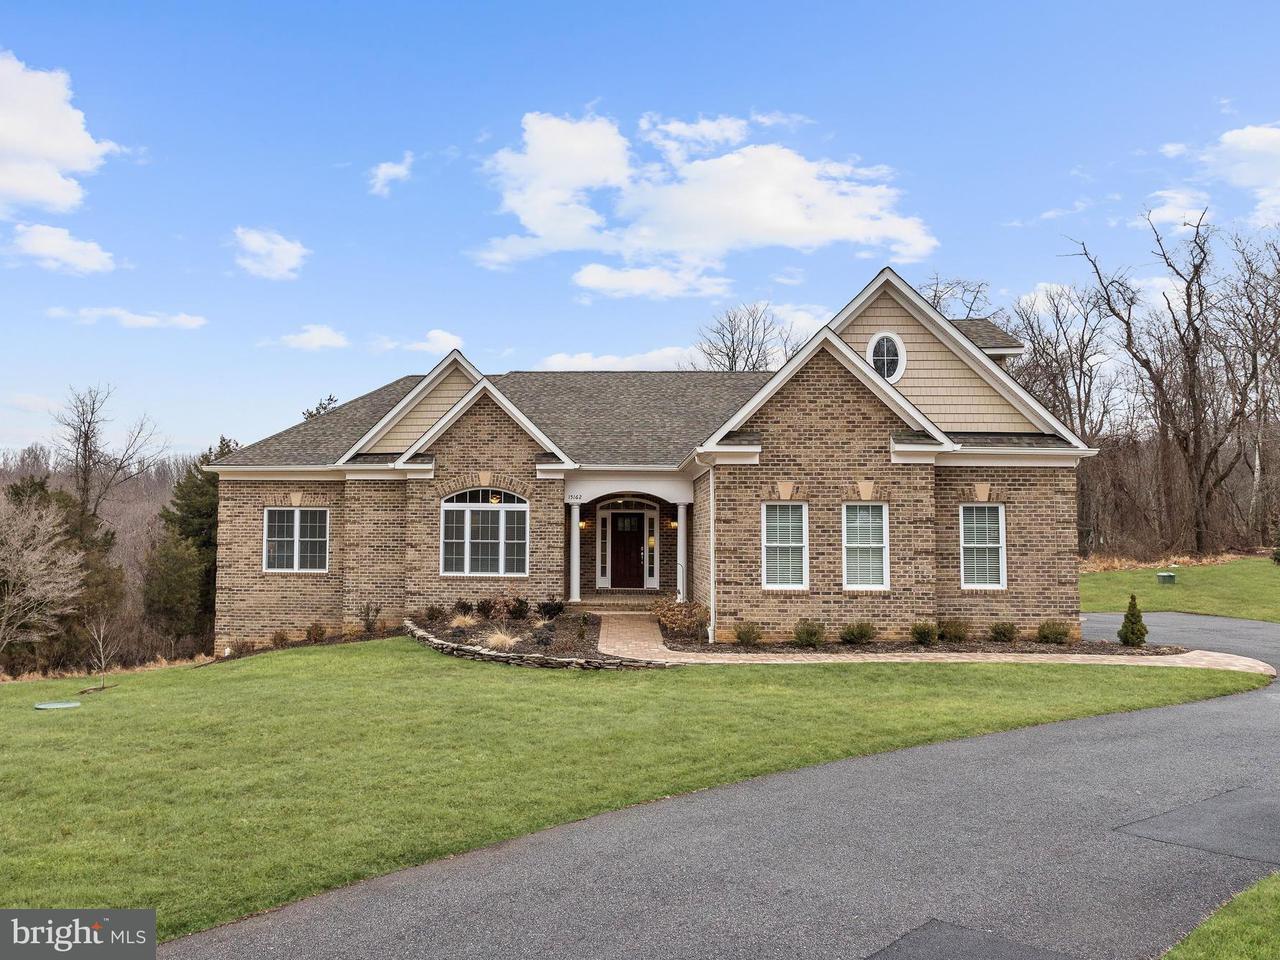 Maison unifamiliale pour l Vente à 15162 Bushy Park Road 15162 Bushy Park Road Woodbine, Maryland 21797 États-Unis